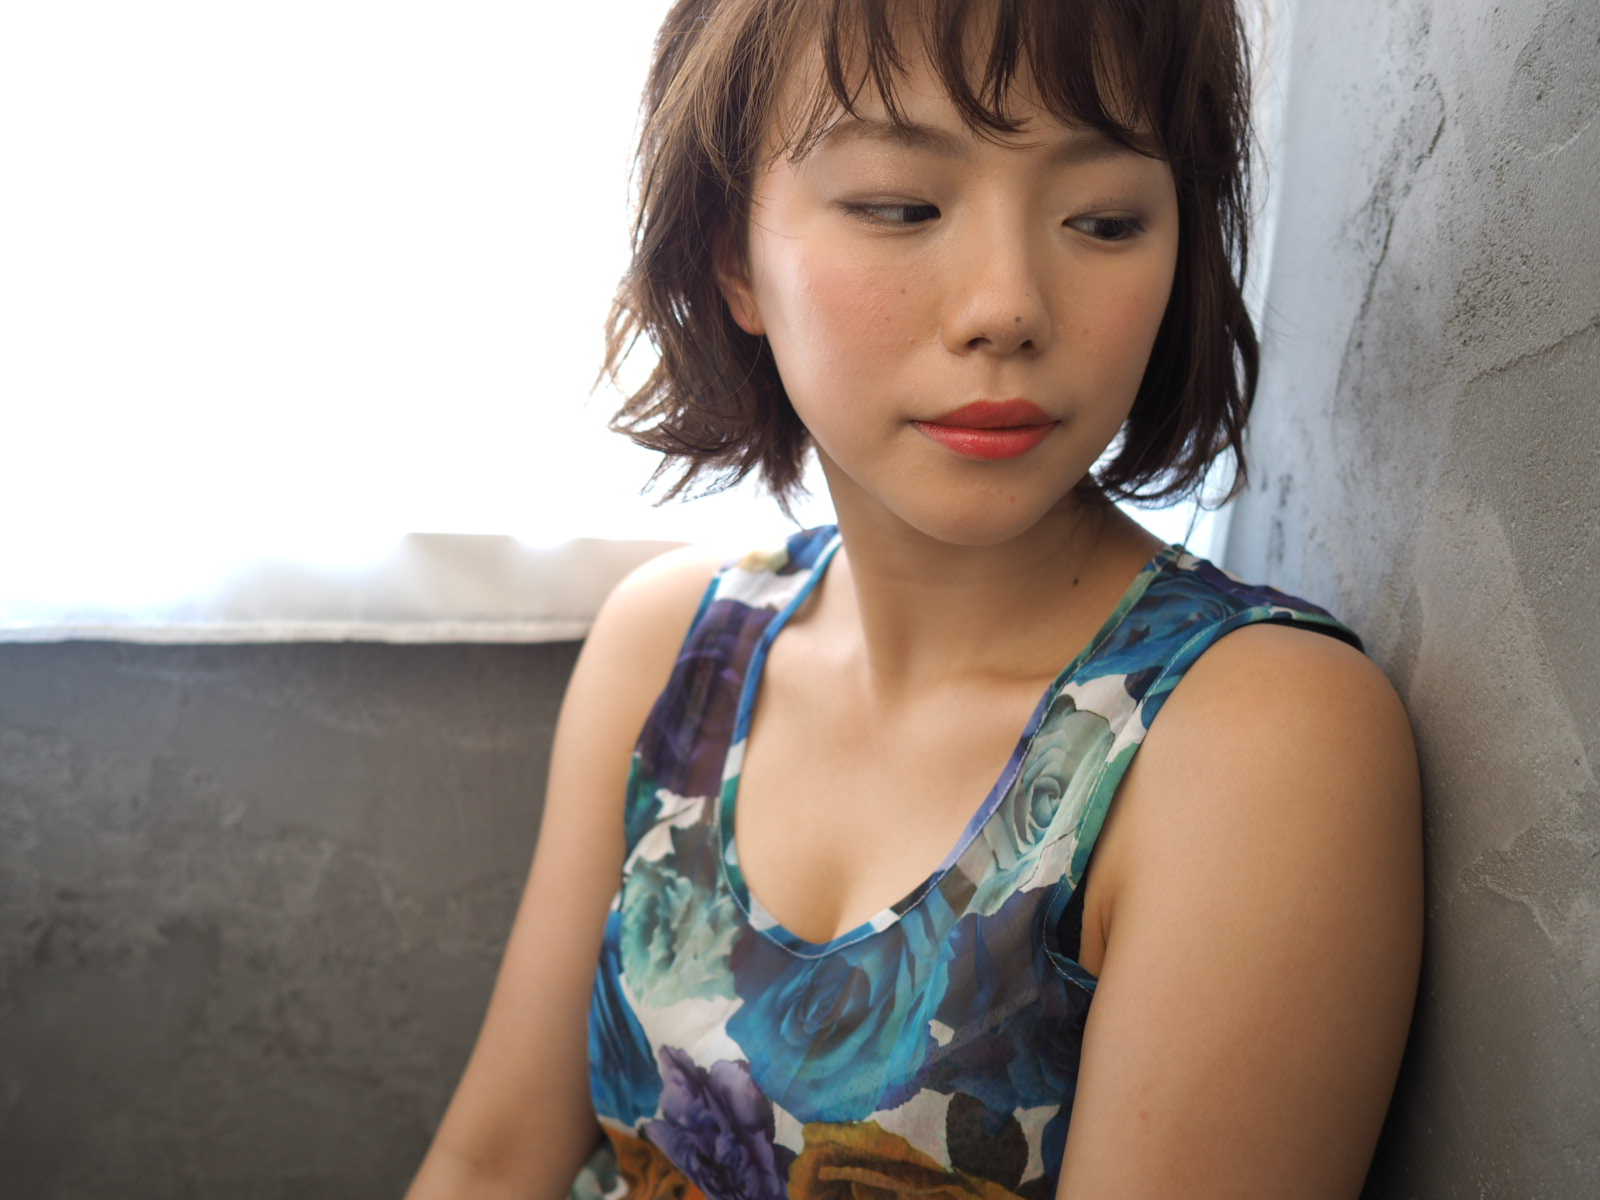 高円寺 美容室 ヘアスタイル ヘアサロン